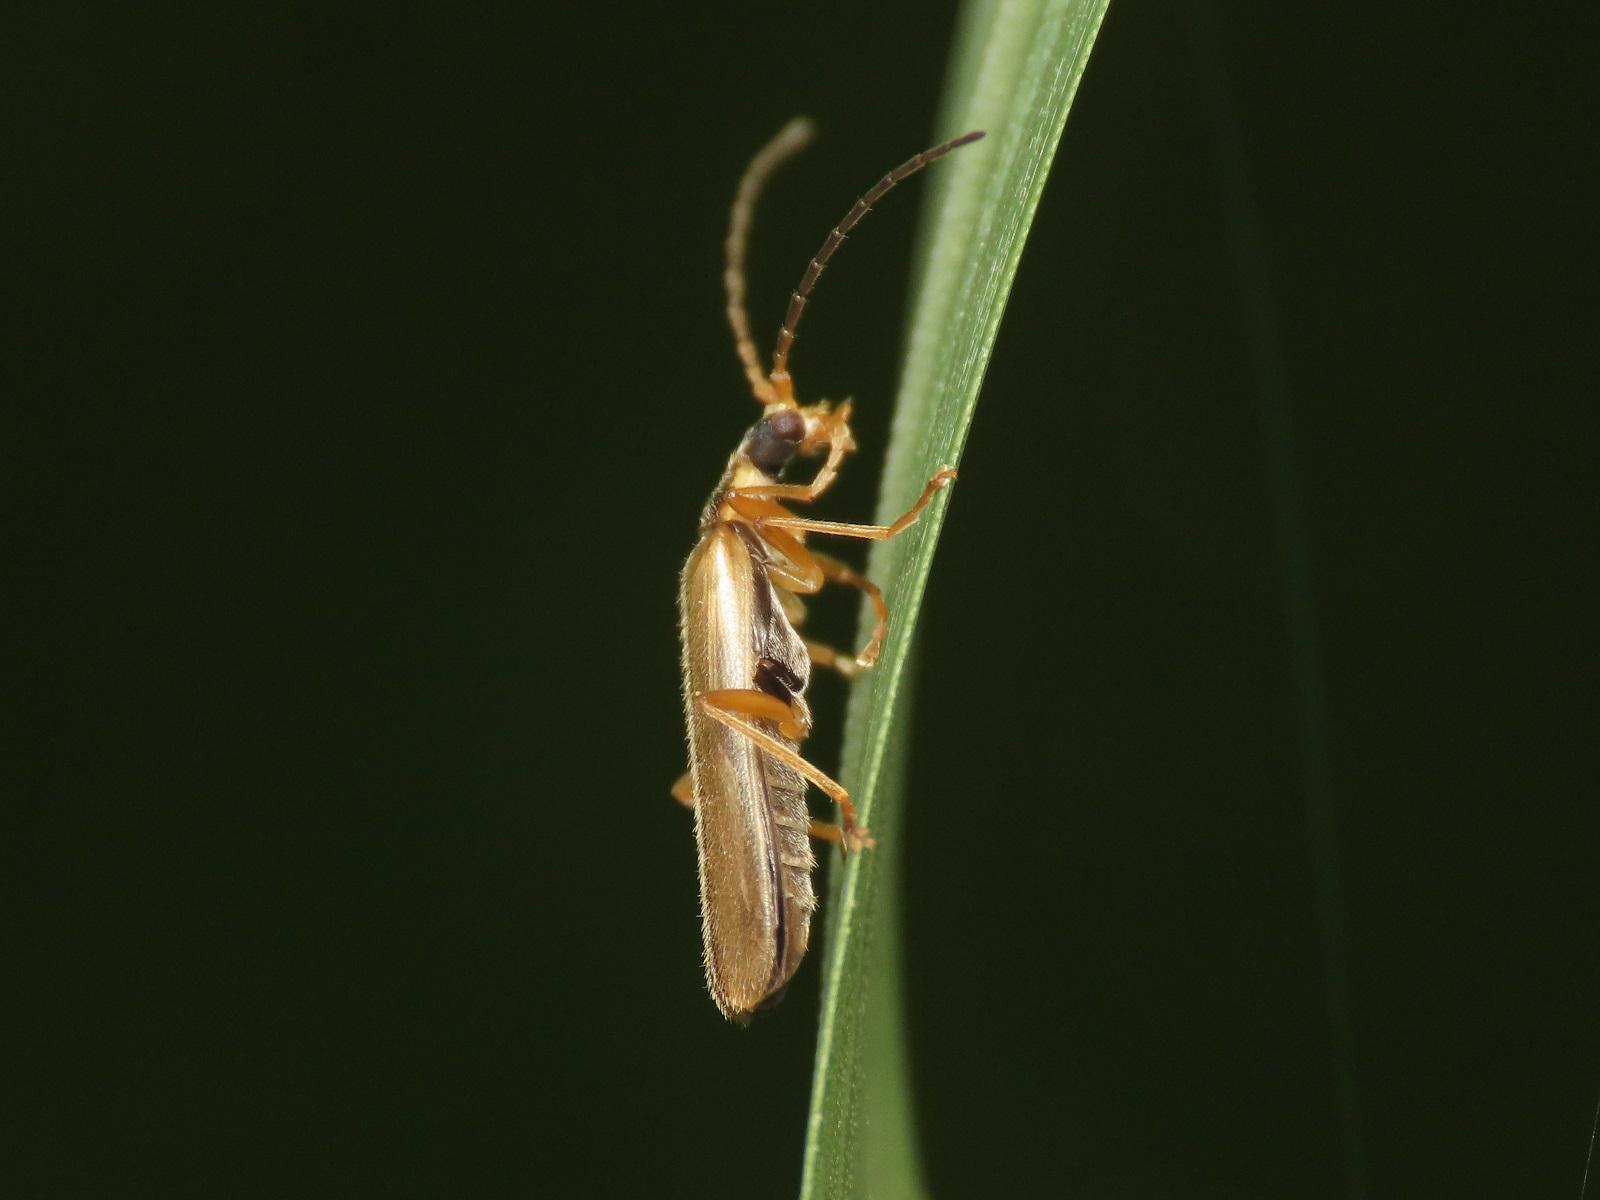 Cantharidae: Malthacus procerulus